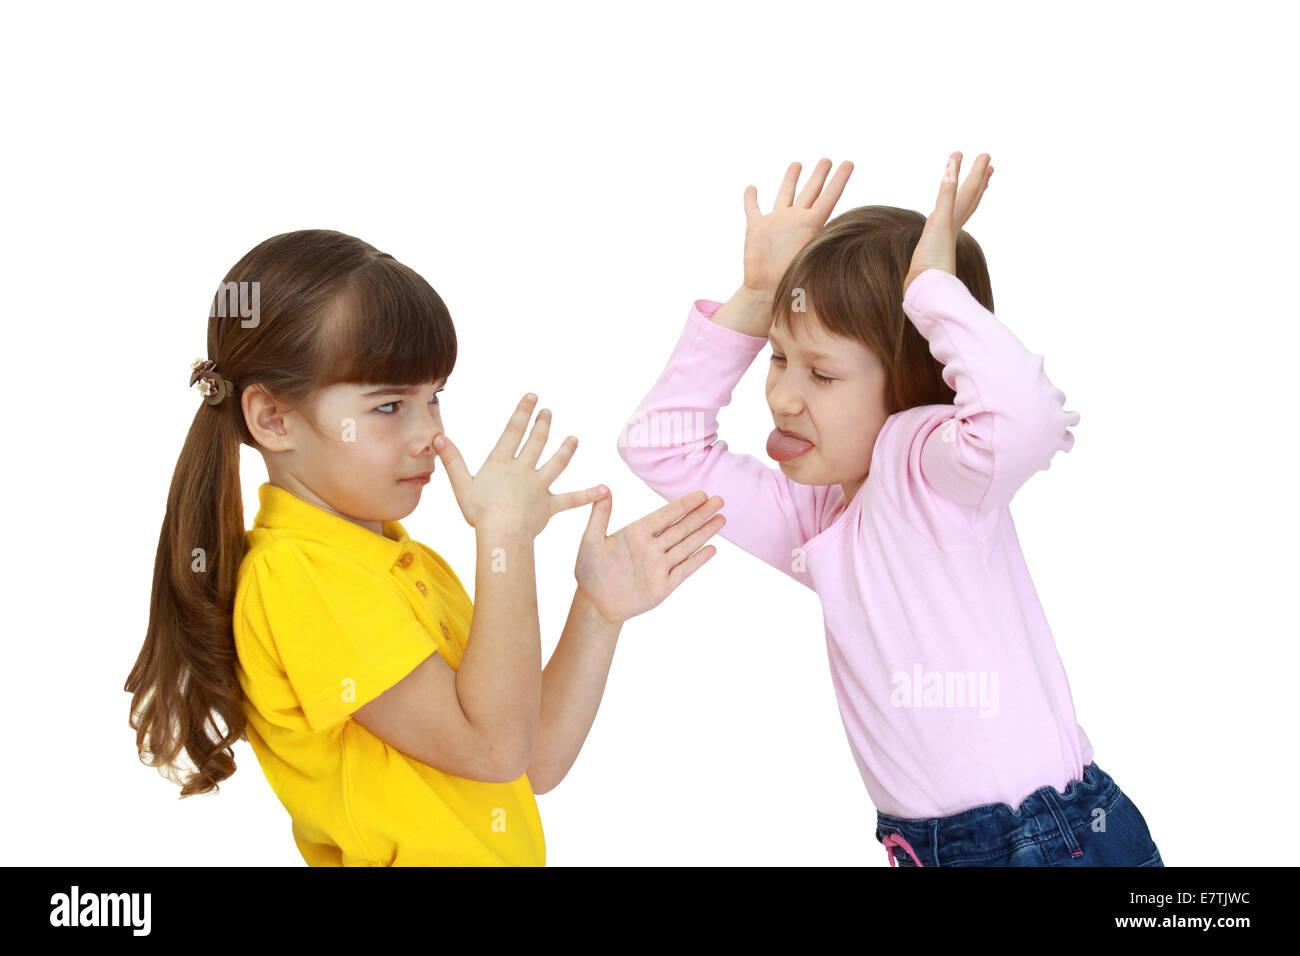 Las dos chicas se burlan recíprocamente aislado sobre fondo blanco. Foto de stock